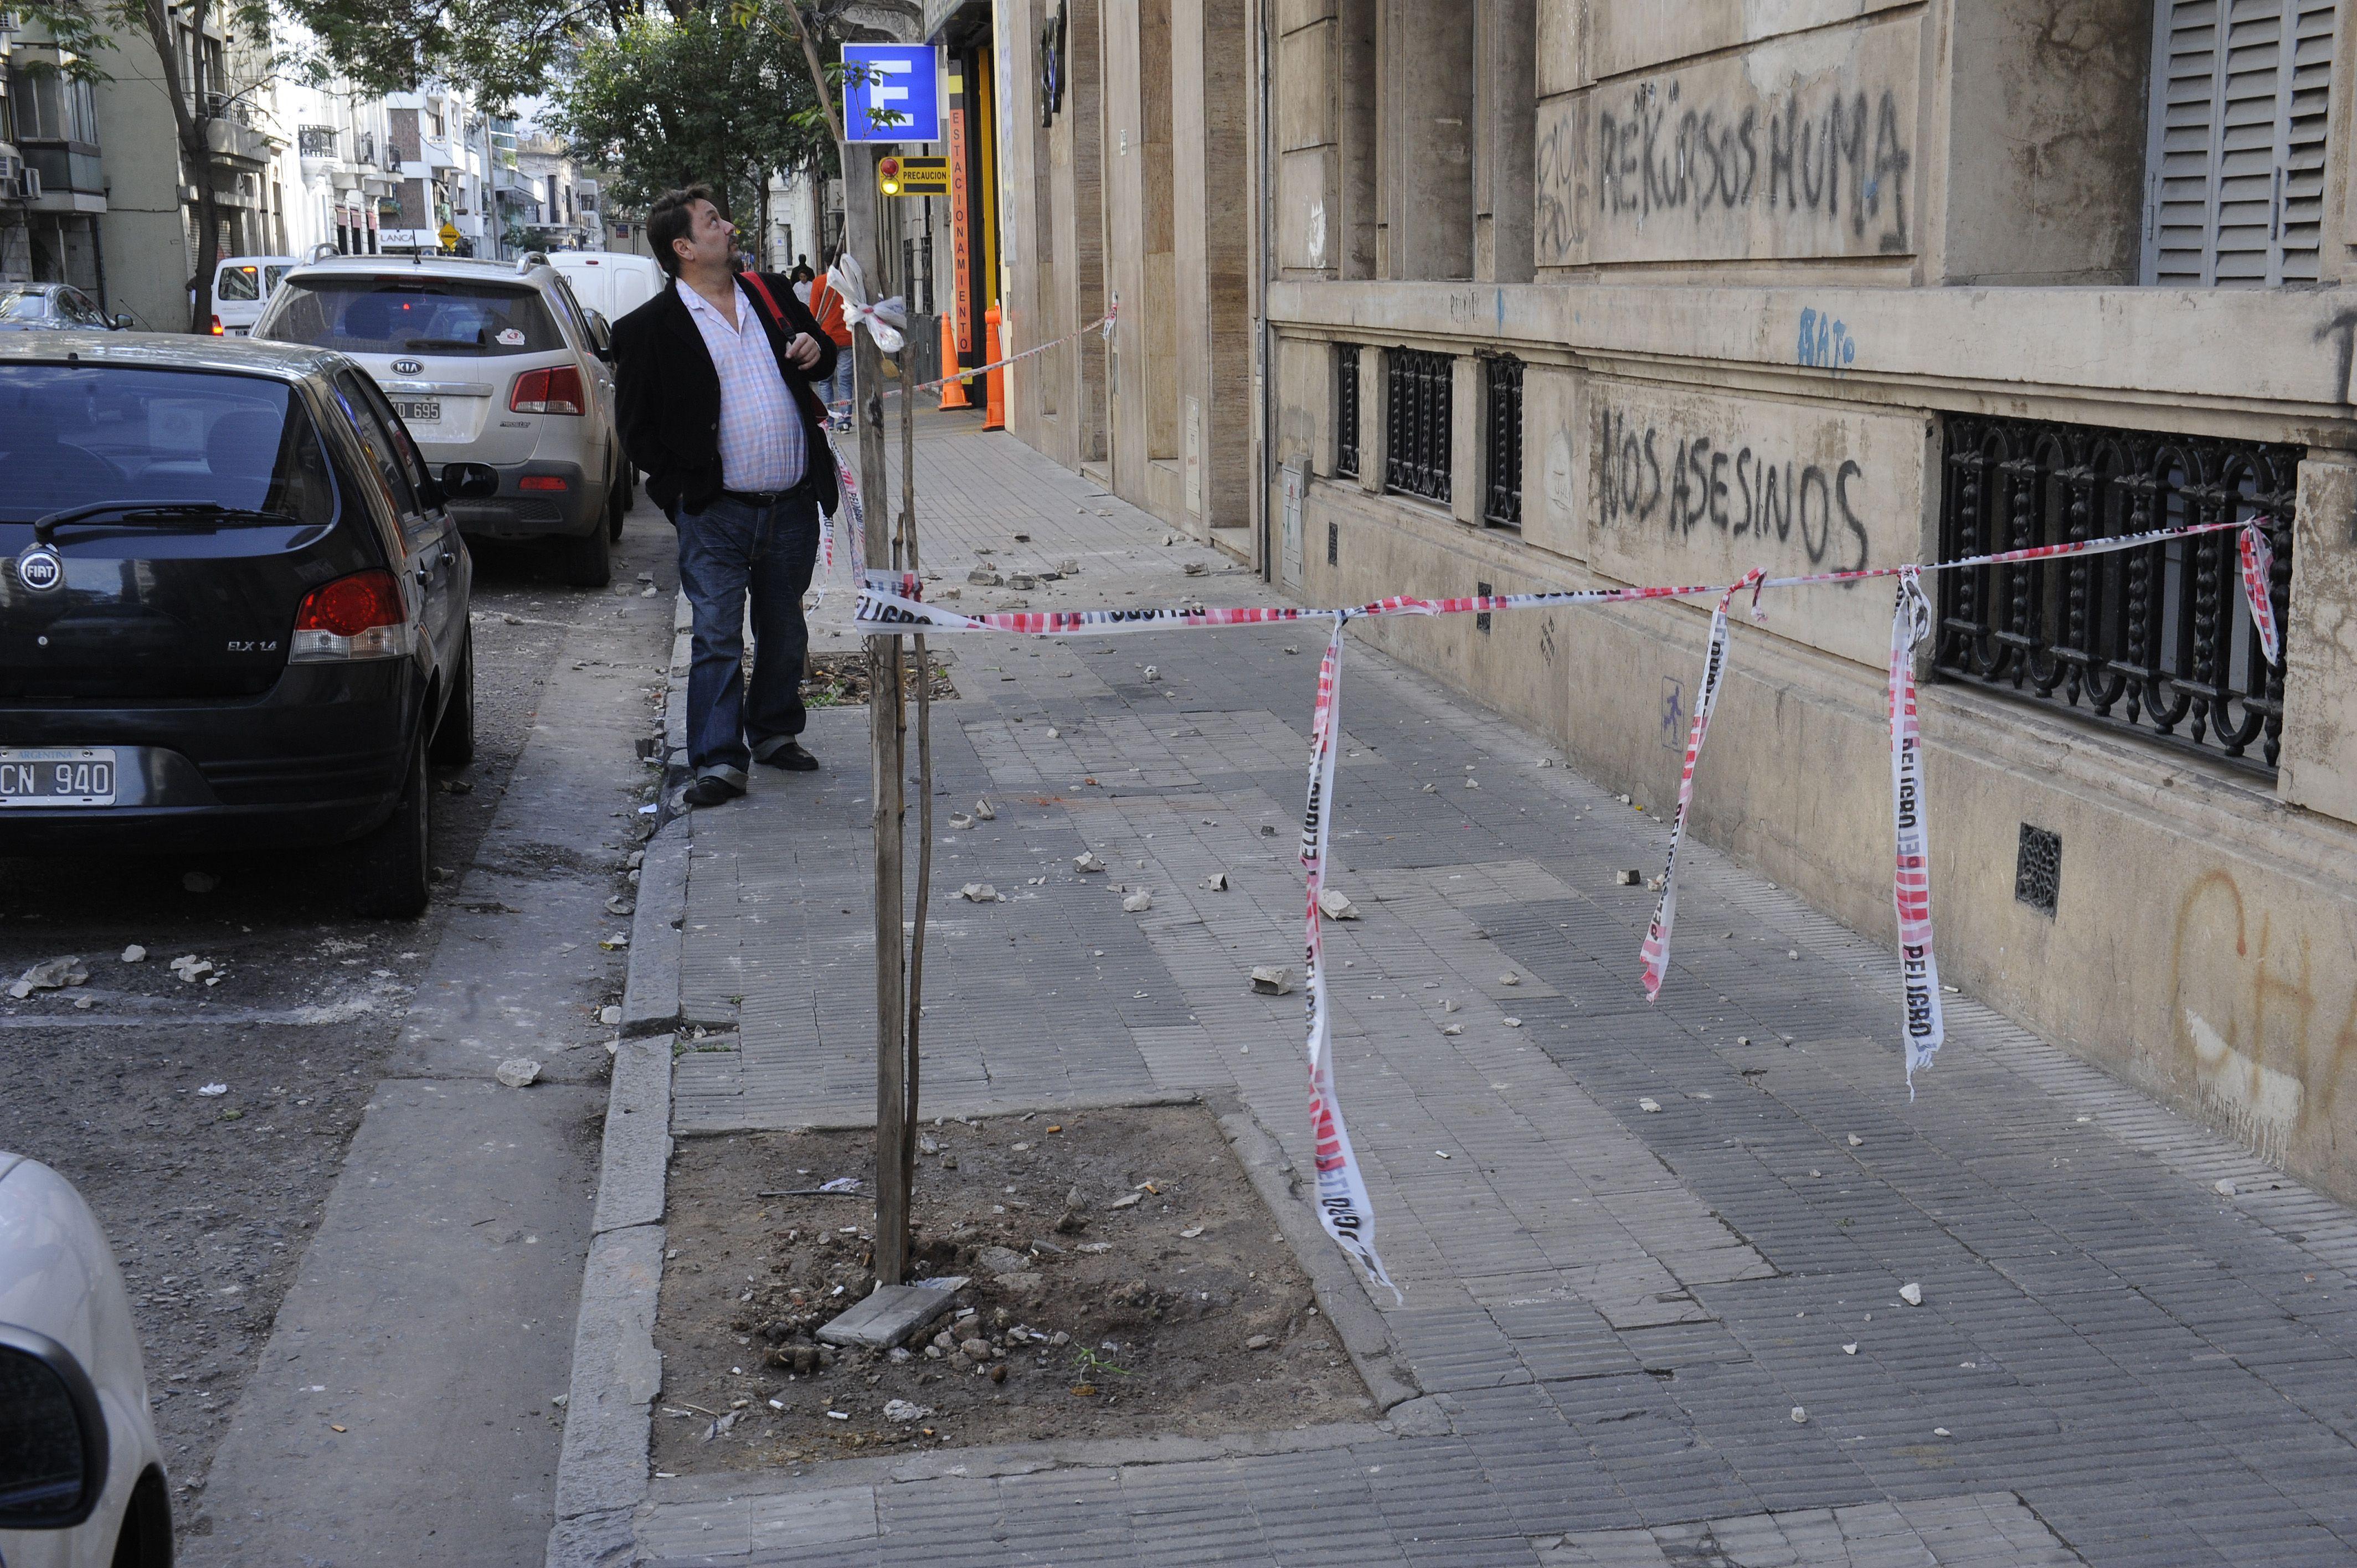 Italia al 700. Los restos de mampostería sobre la vereda y el precario vallado con el que se señala el peligro en el lugar. (Foto: A. Celoria).